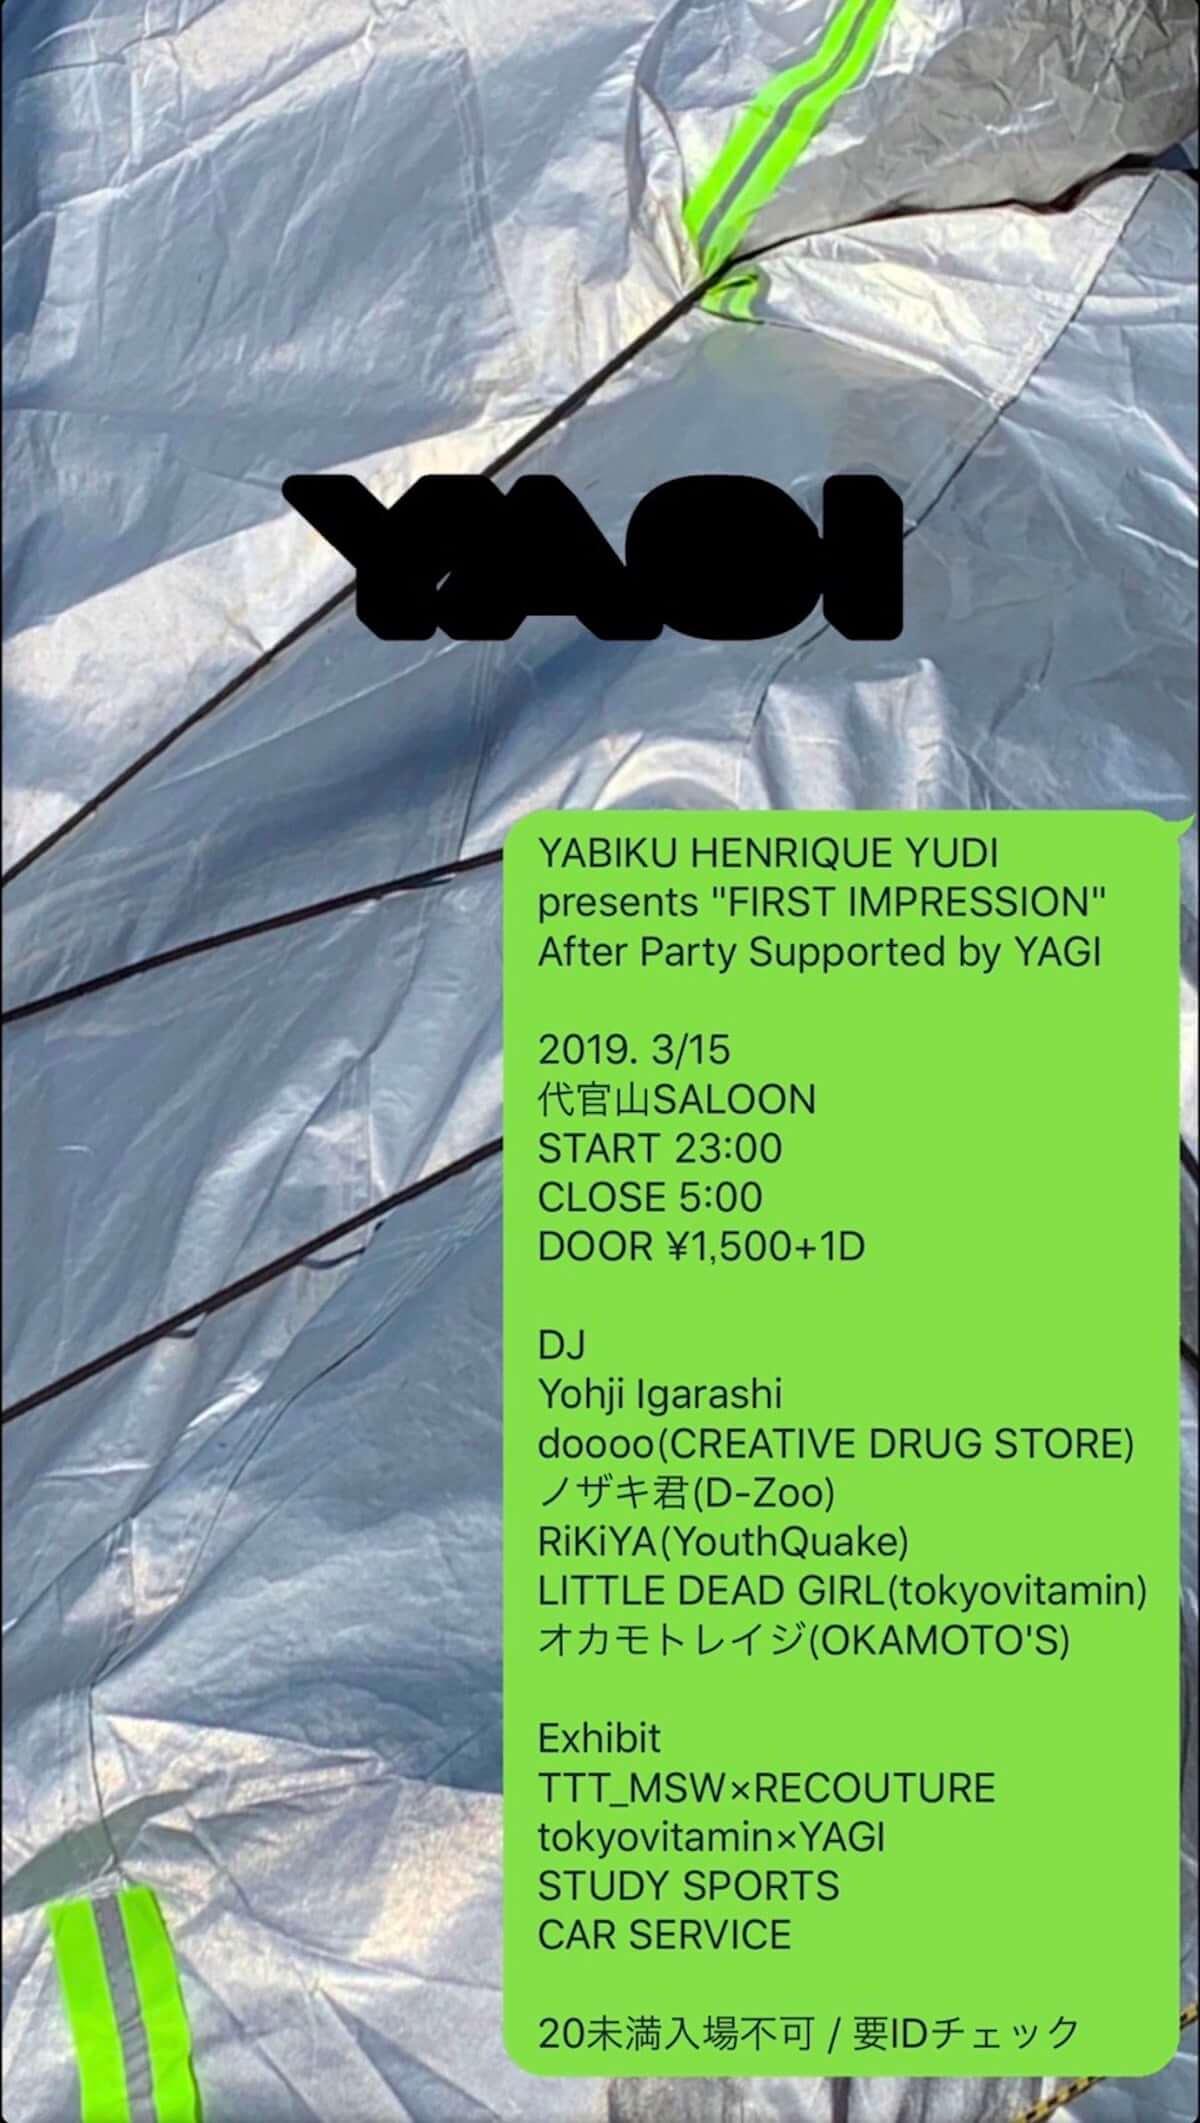 YABIKU HENRIQUE YUDIの初個展のアフターパーティーが「YAGI EXHIBITION」のサポートを受け開催に music190314-yabiku-1200x2123